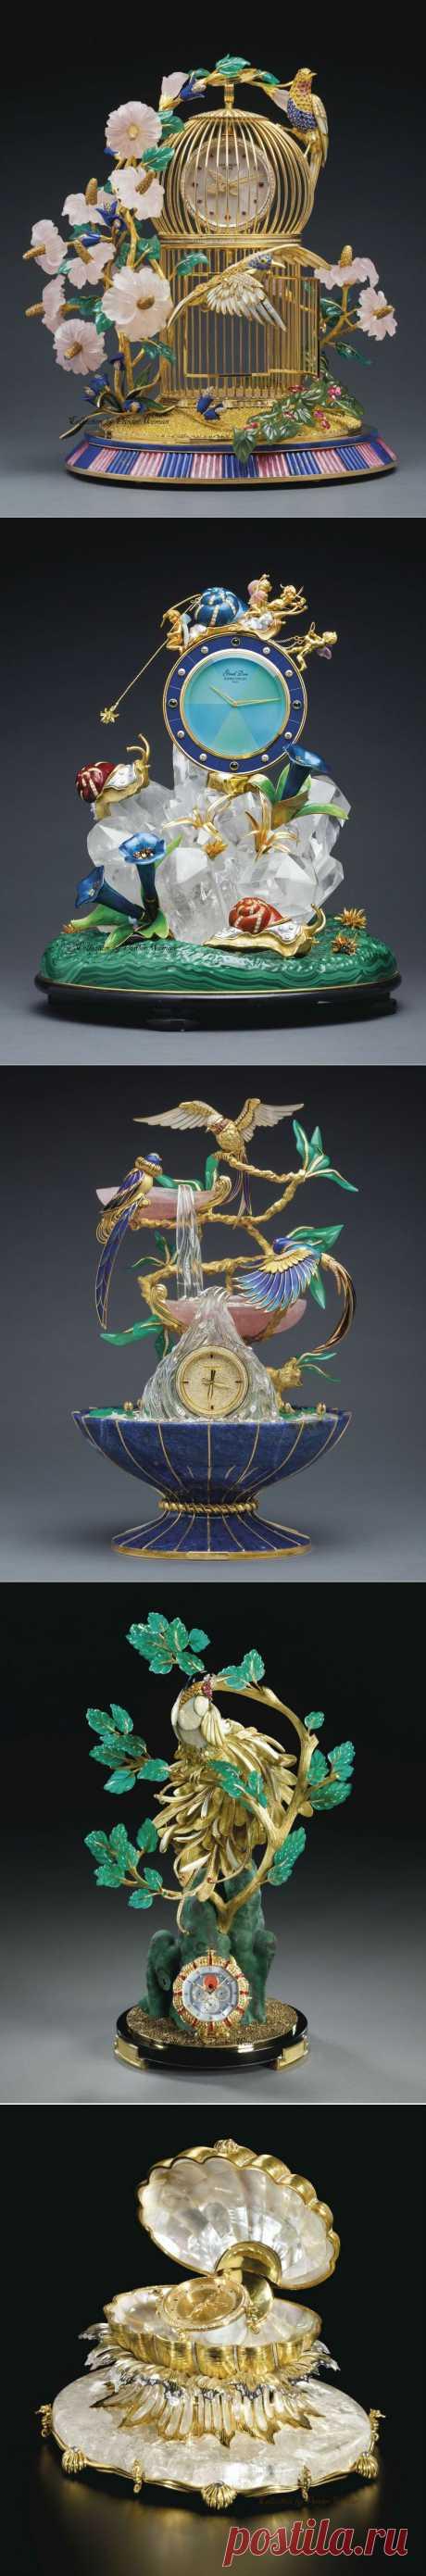 Коллекция декоративных часов 19 века.